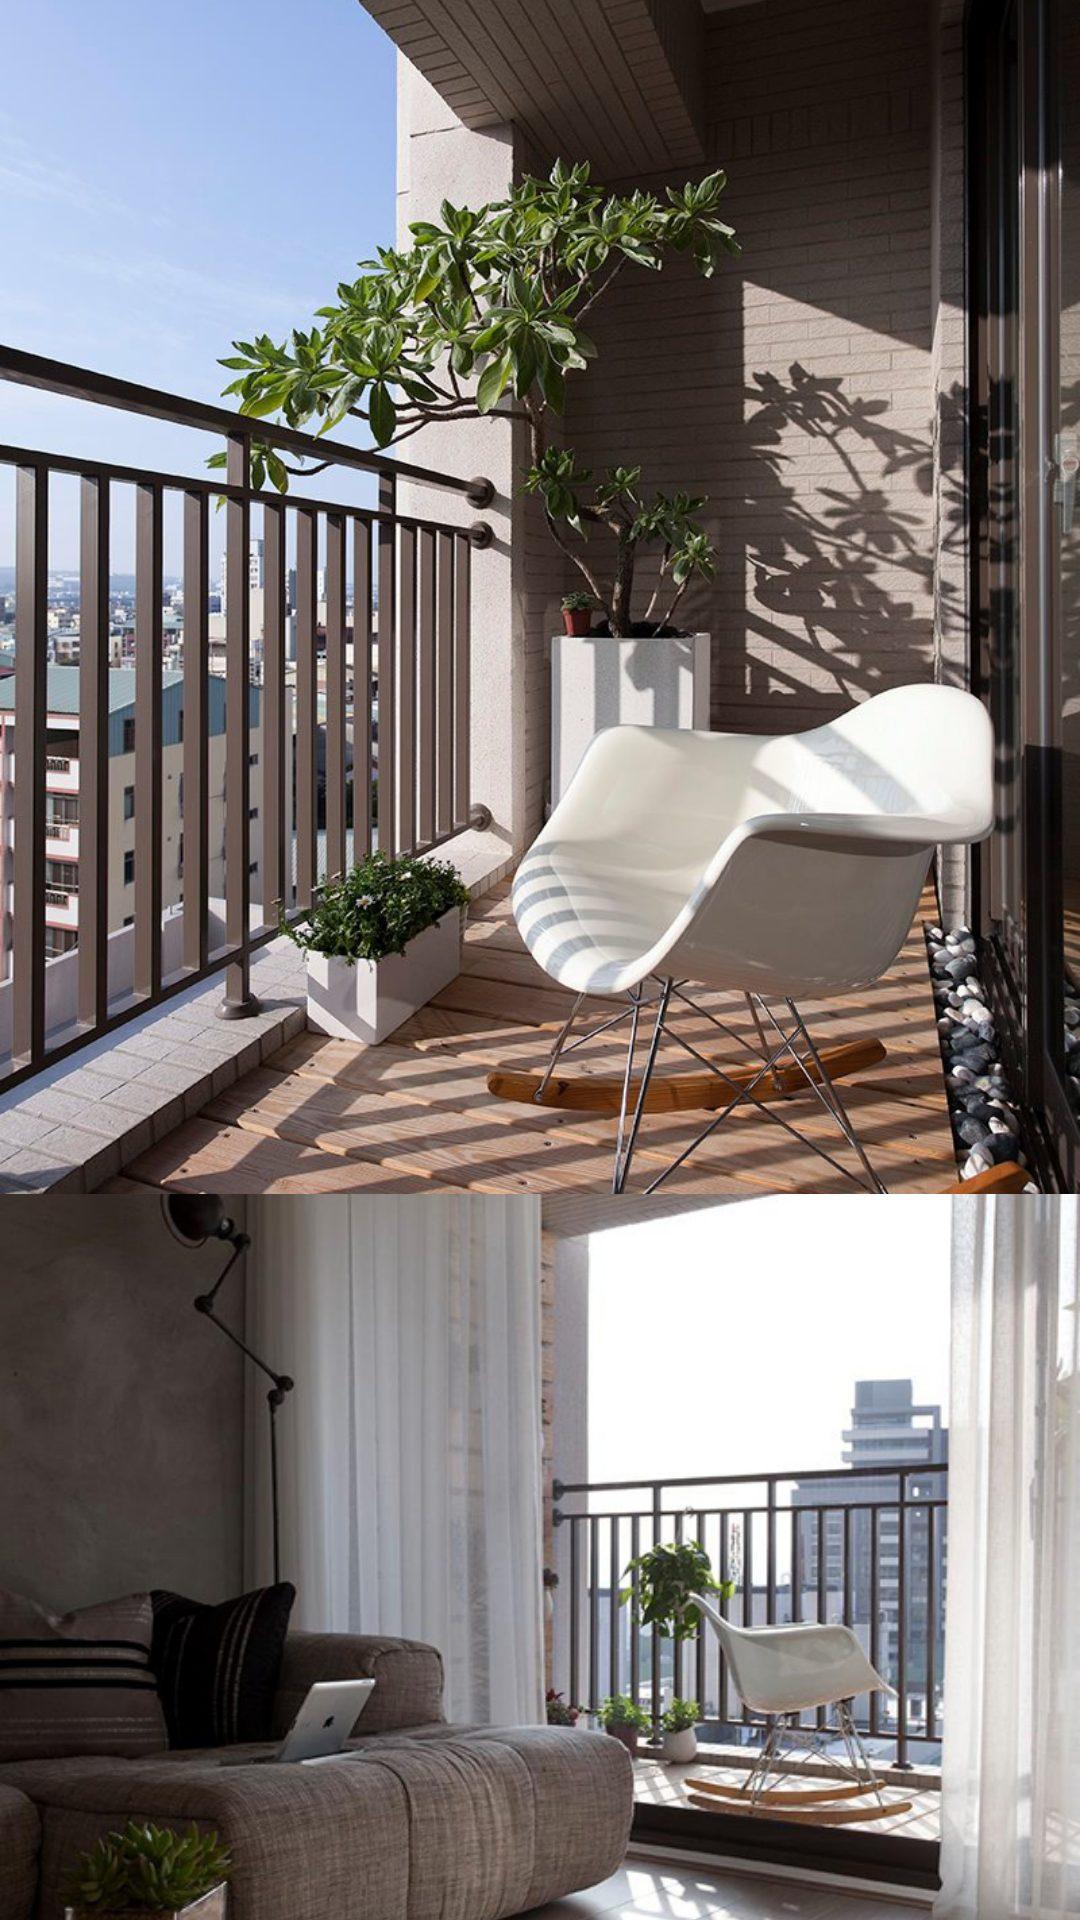 homesfeed simple balcony decorating ideas